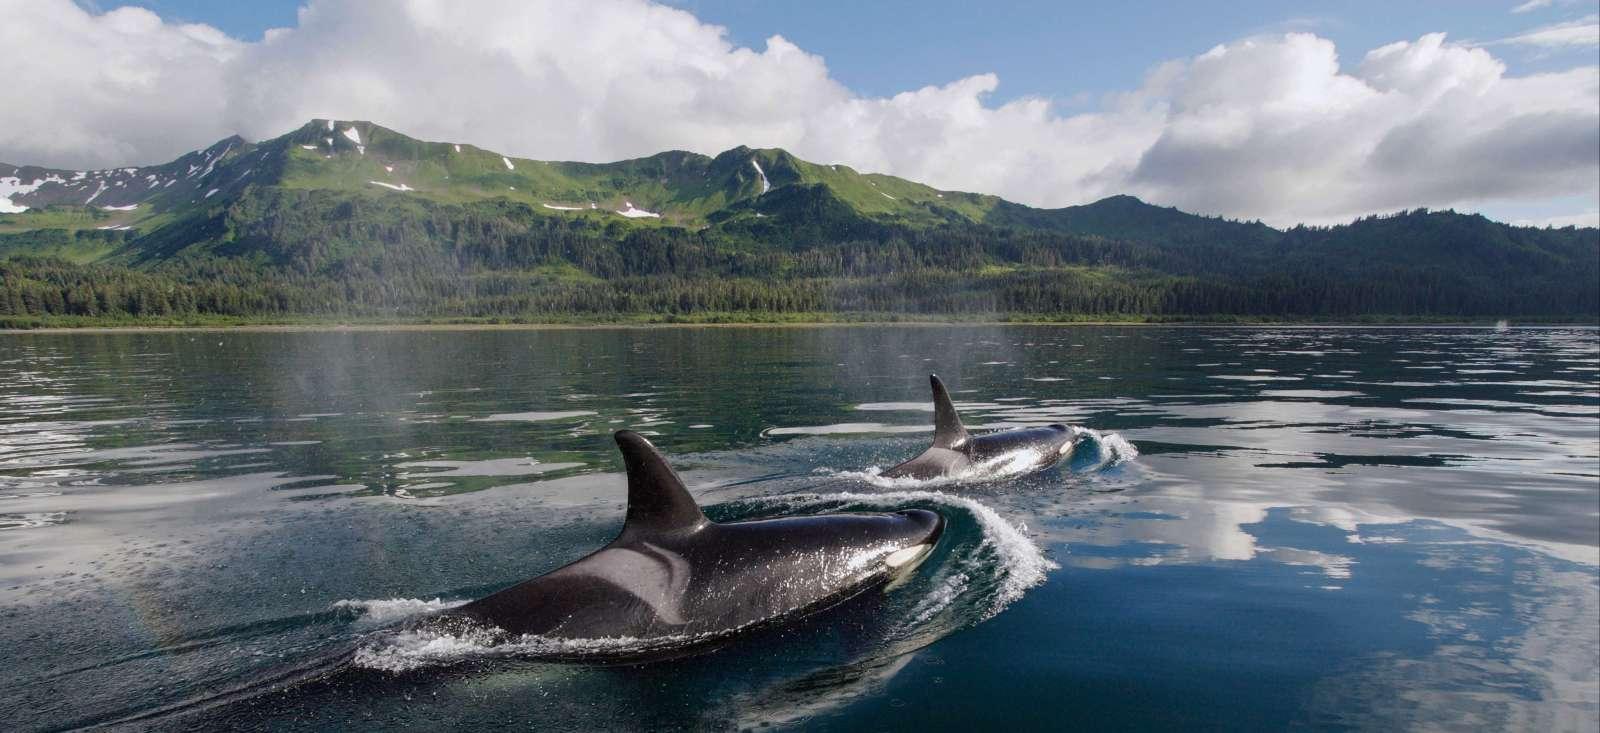 Voyage sur l'eau Canada : Inside Passage